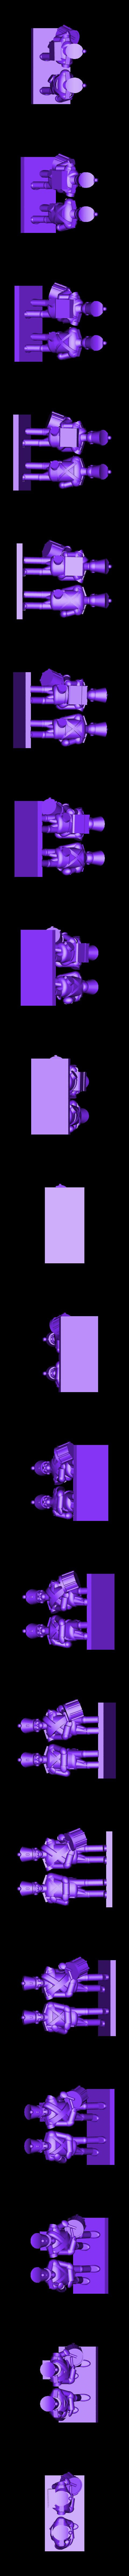 C97e71e6 ab38 45e4 89c8 96c6b49f0719